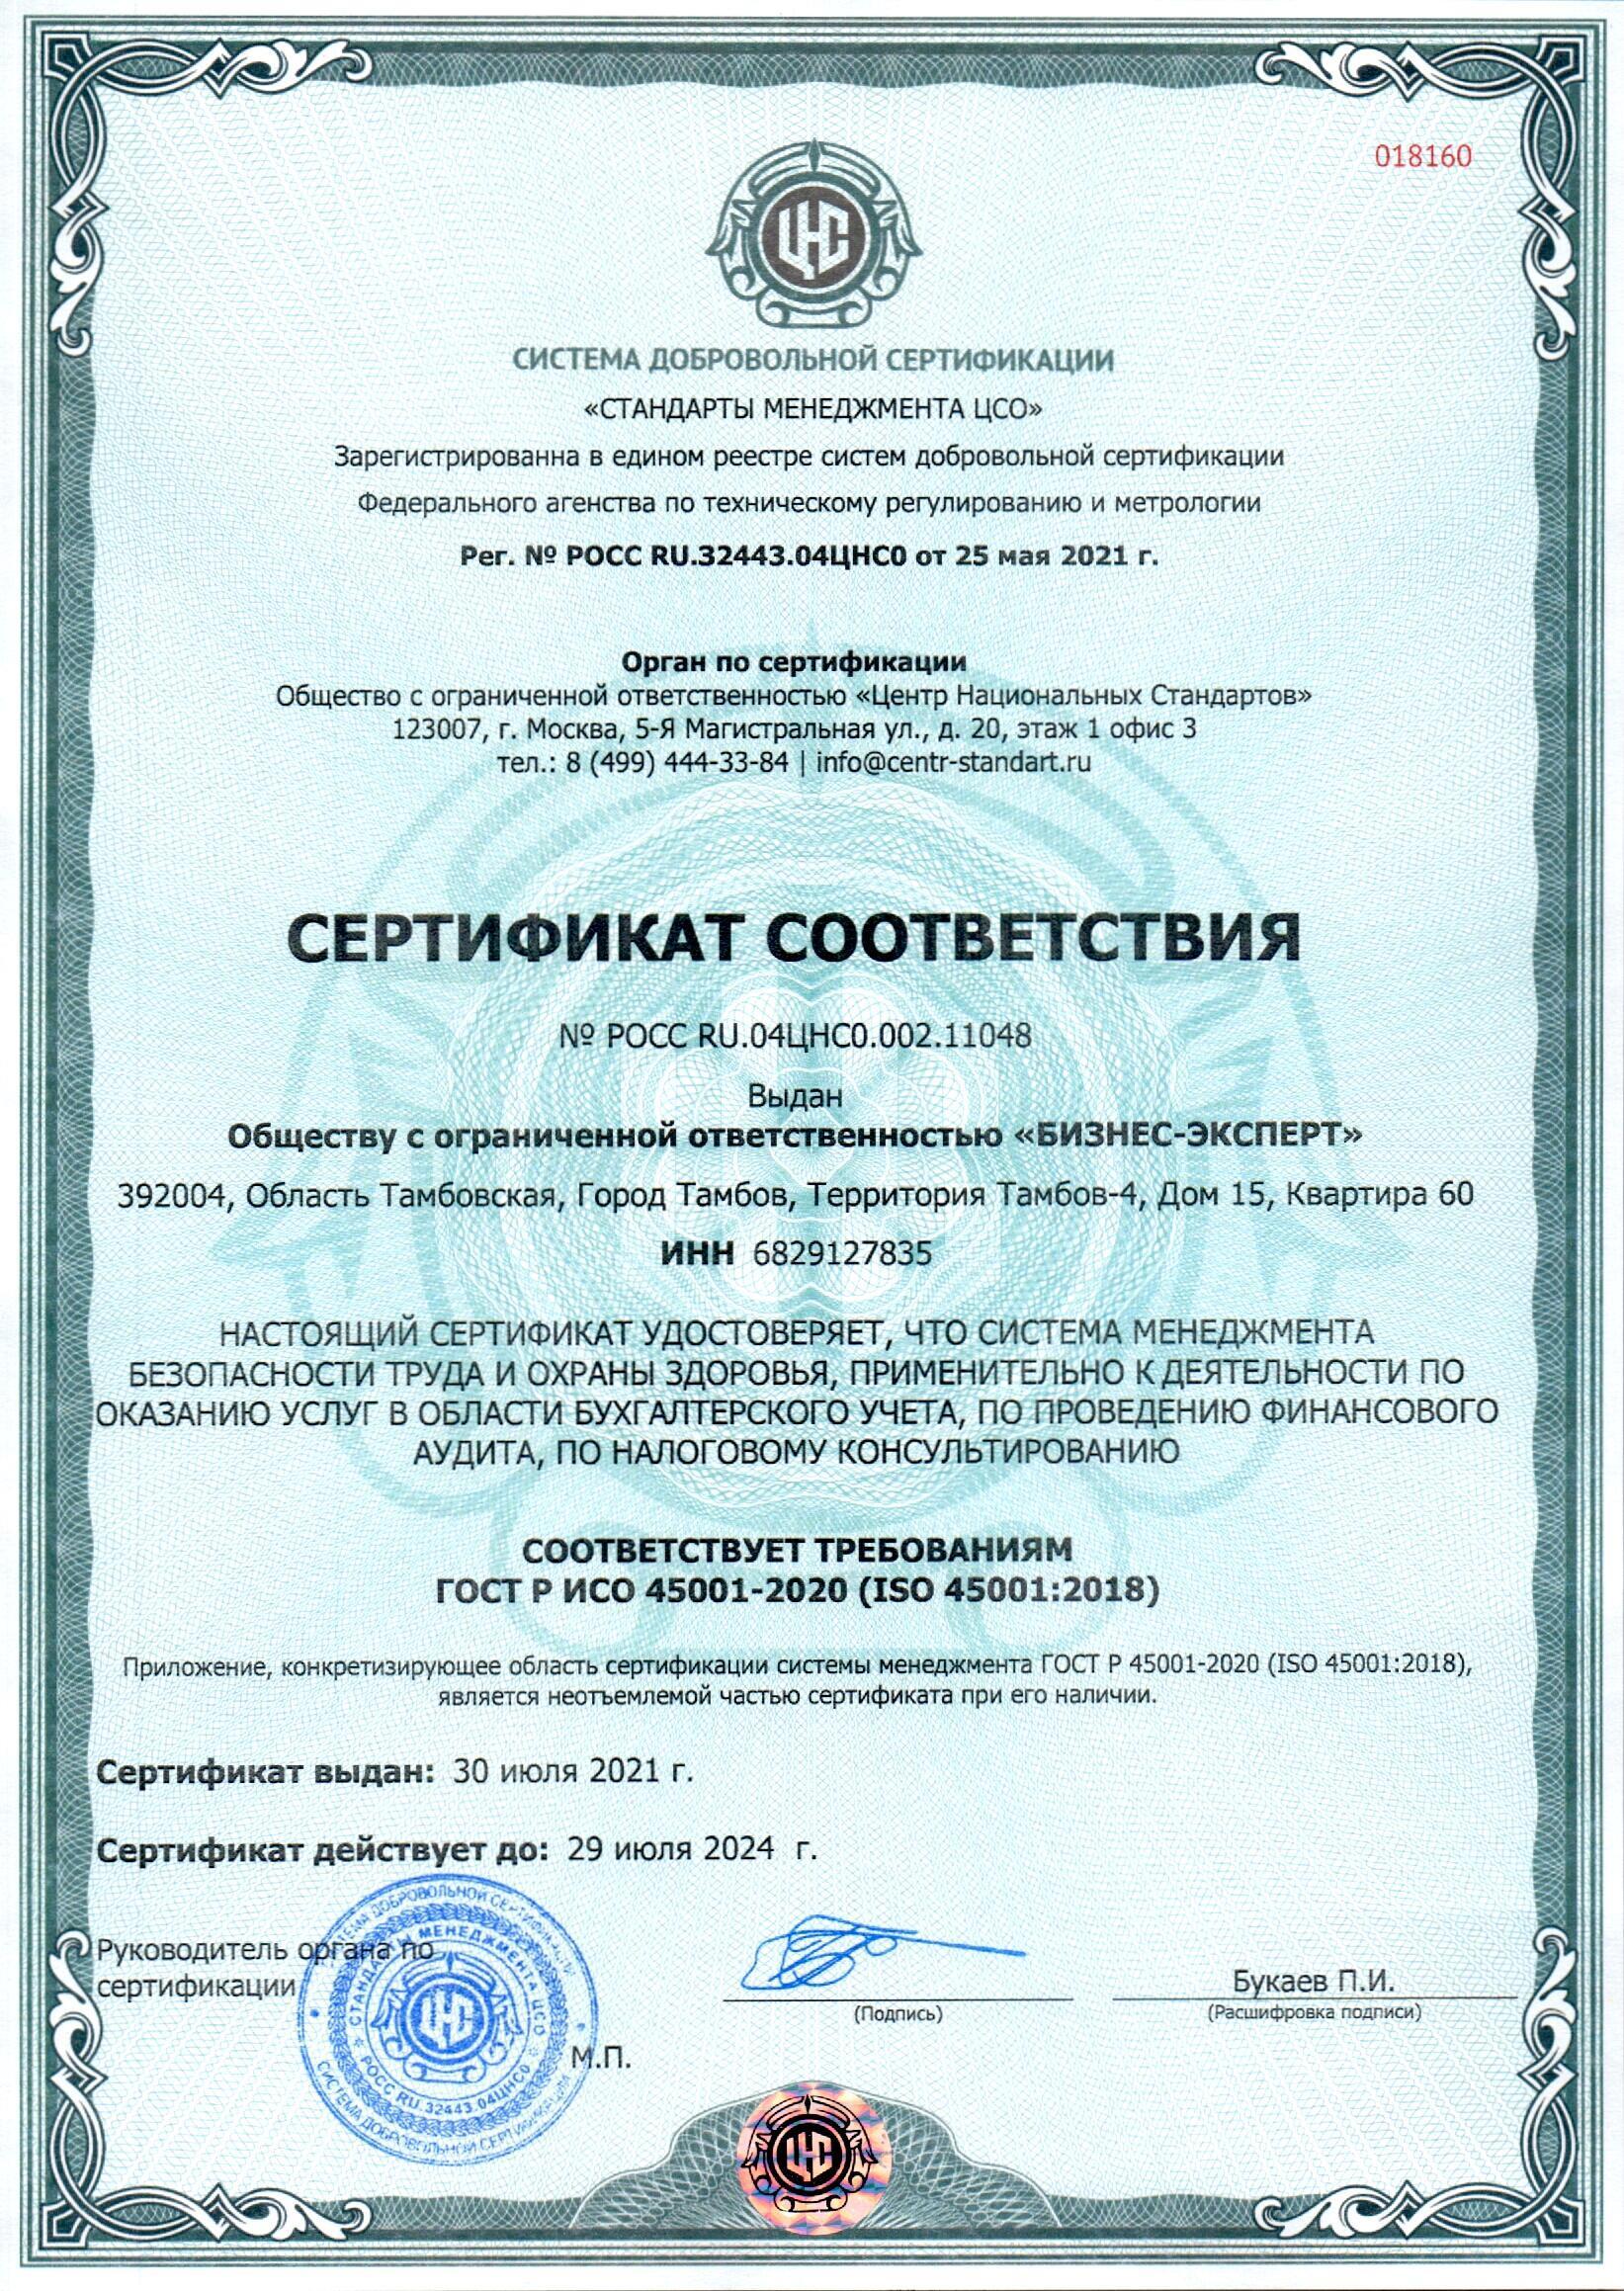 РОСС_RU.04ЦНС0.002.11048